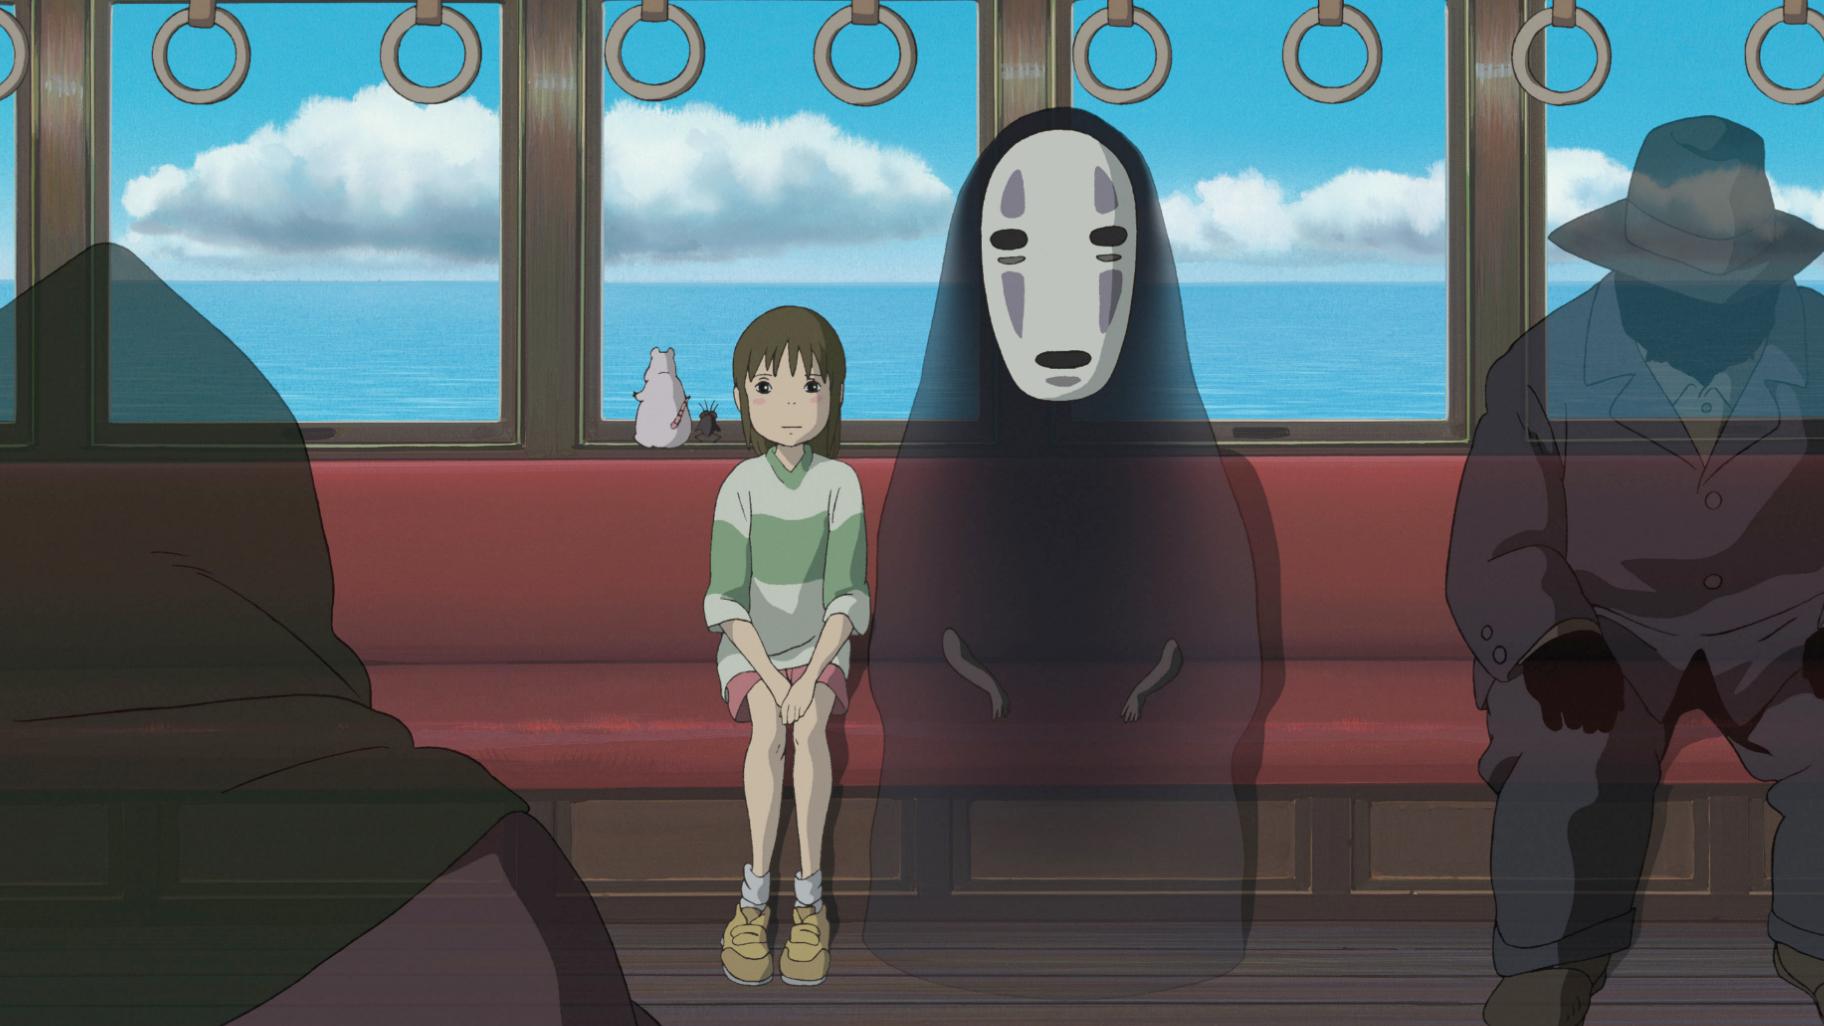 迄今为止,这是我看过最有人生的动画电影,没有之一